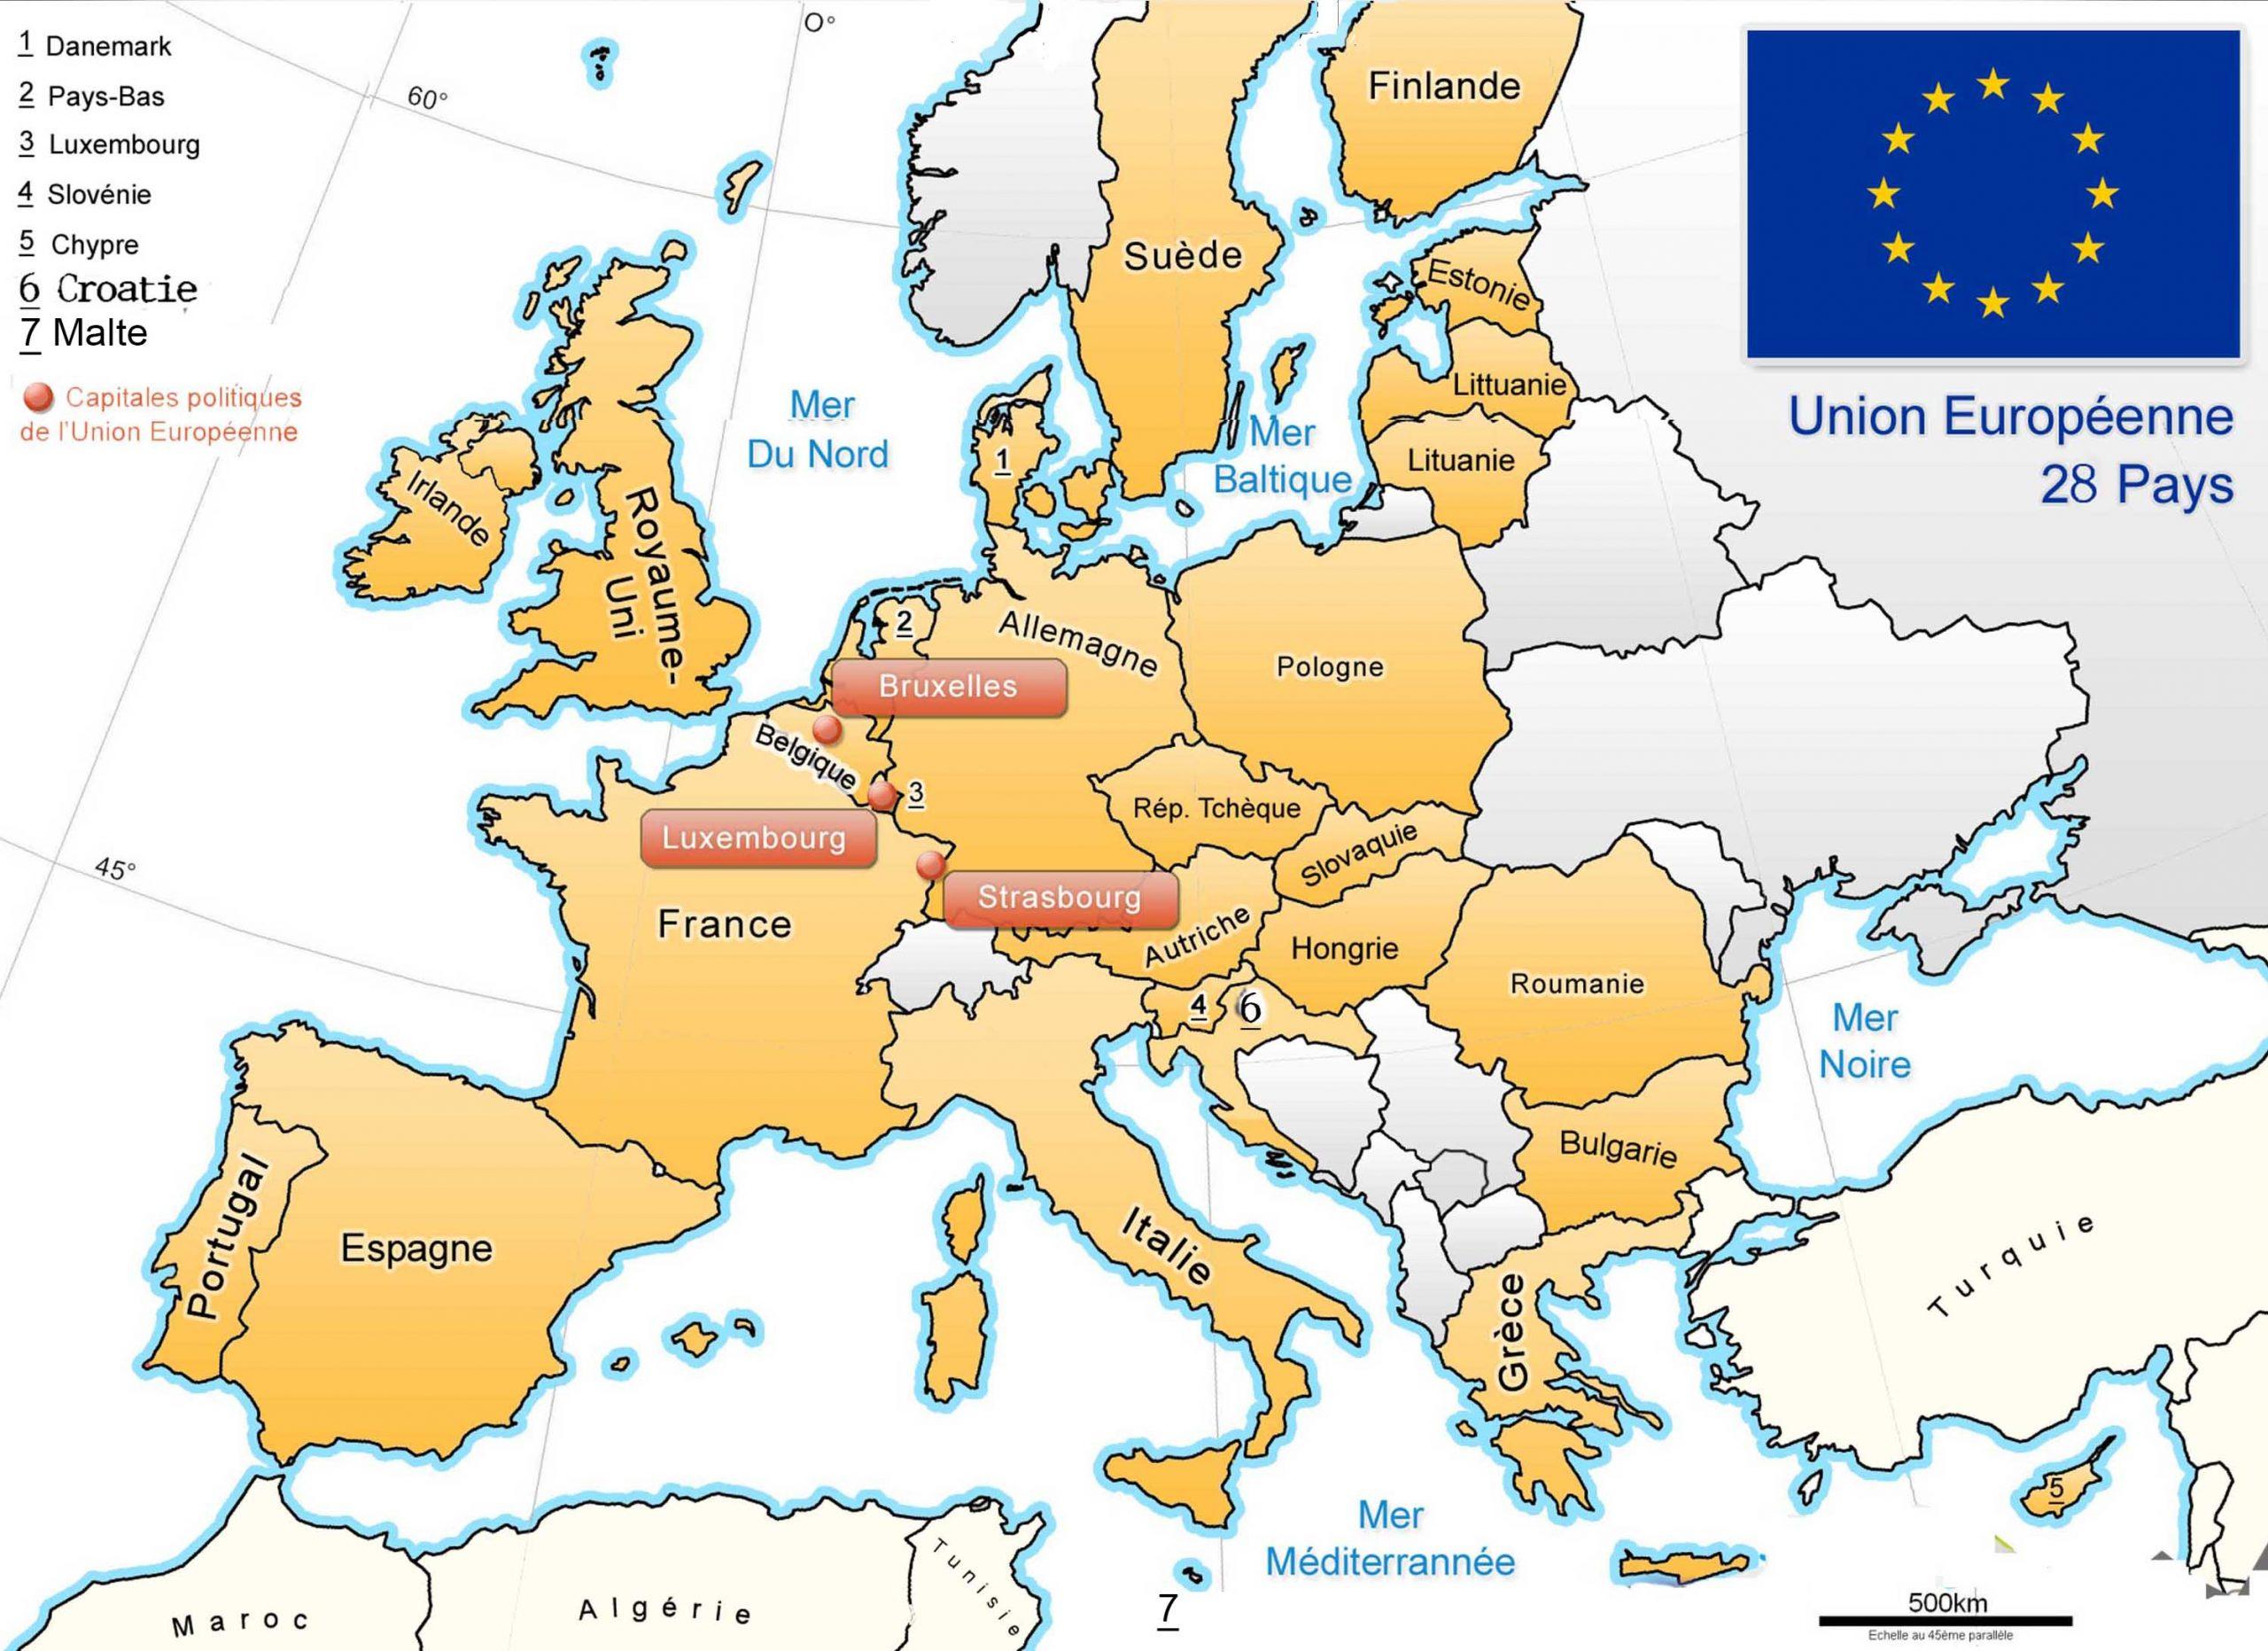 Apprendre À Placer Les Pays De L' Union Européenne - Le Blog serapportantà Carte Union Européenne 28 Pays